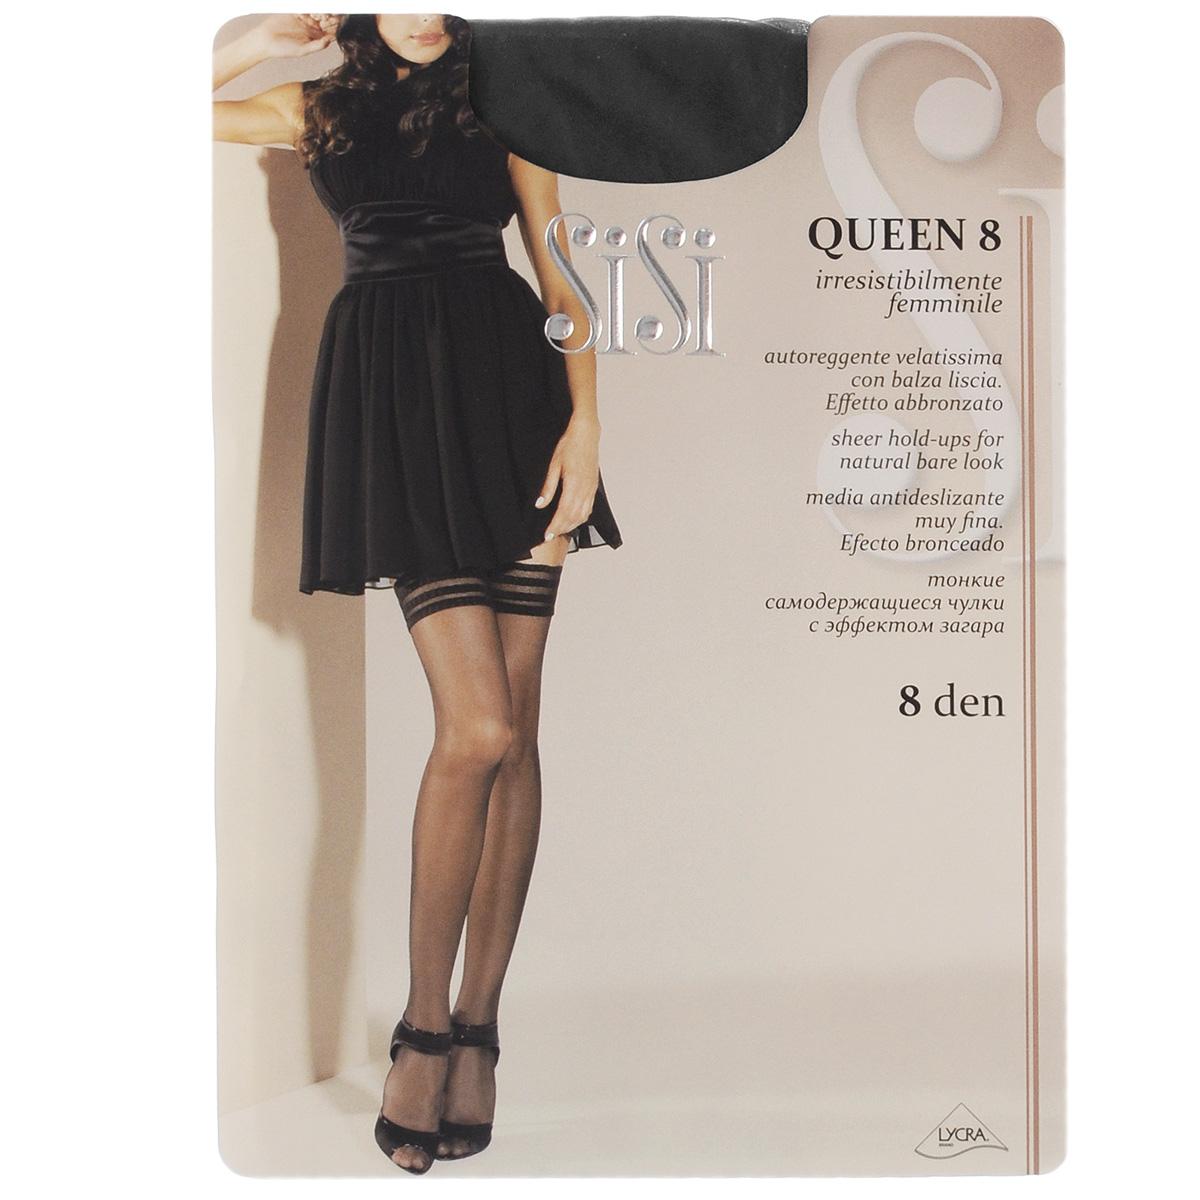 Чулки Sisi Queen 8, цвет: Nero (черный). 99. Размер 2 (S)99SISIТончайшие чулки Sisi Queen с сетчатой каймой, оформленной узором в полоску, и невидимым мыском. Фиксирующая резинка - на силиконовой основе. Плотность: 8 den.